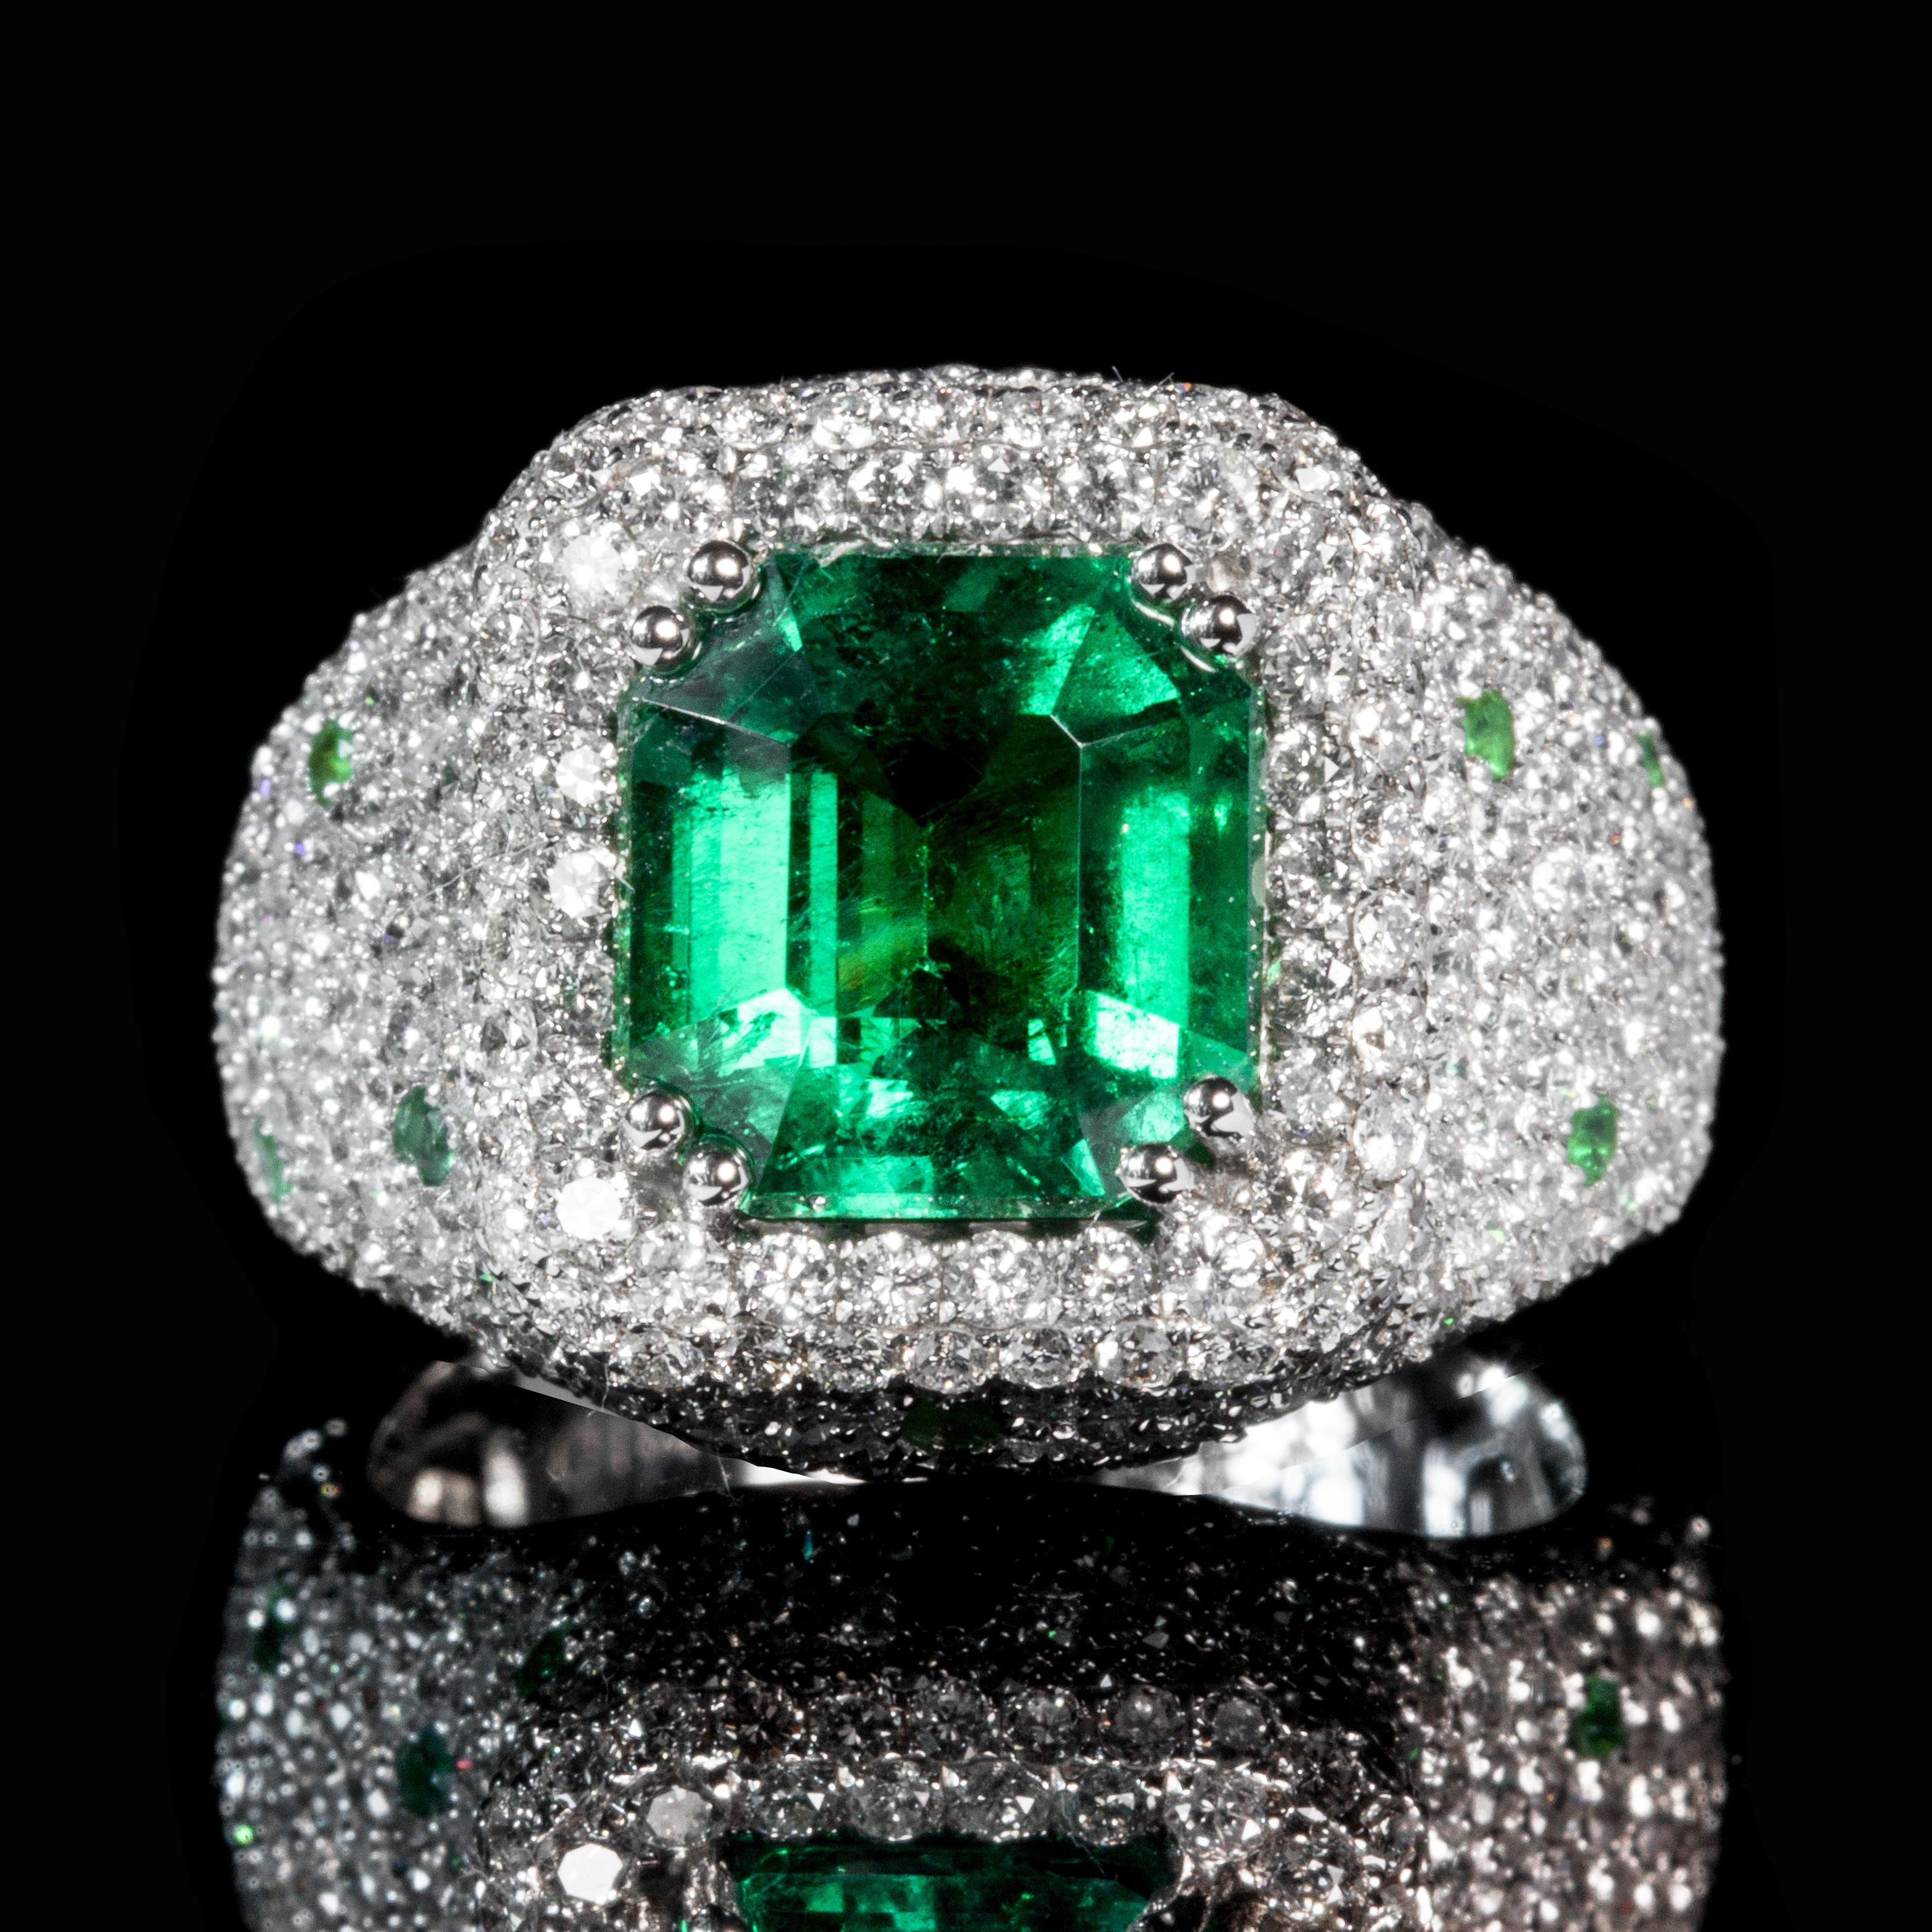 Couleur De L Emeraude images gratuites : bague, bijoux, diamant, émeraude, gemme